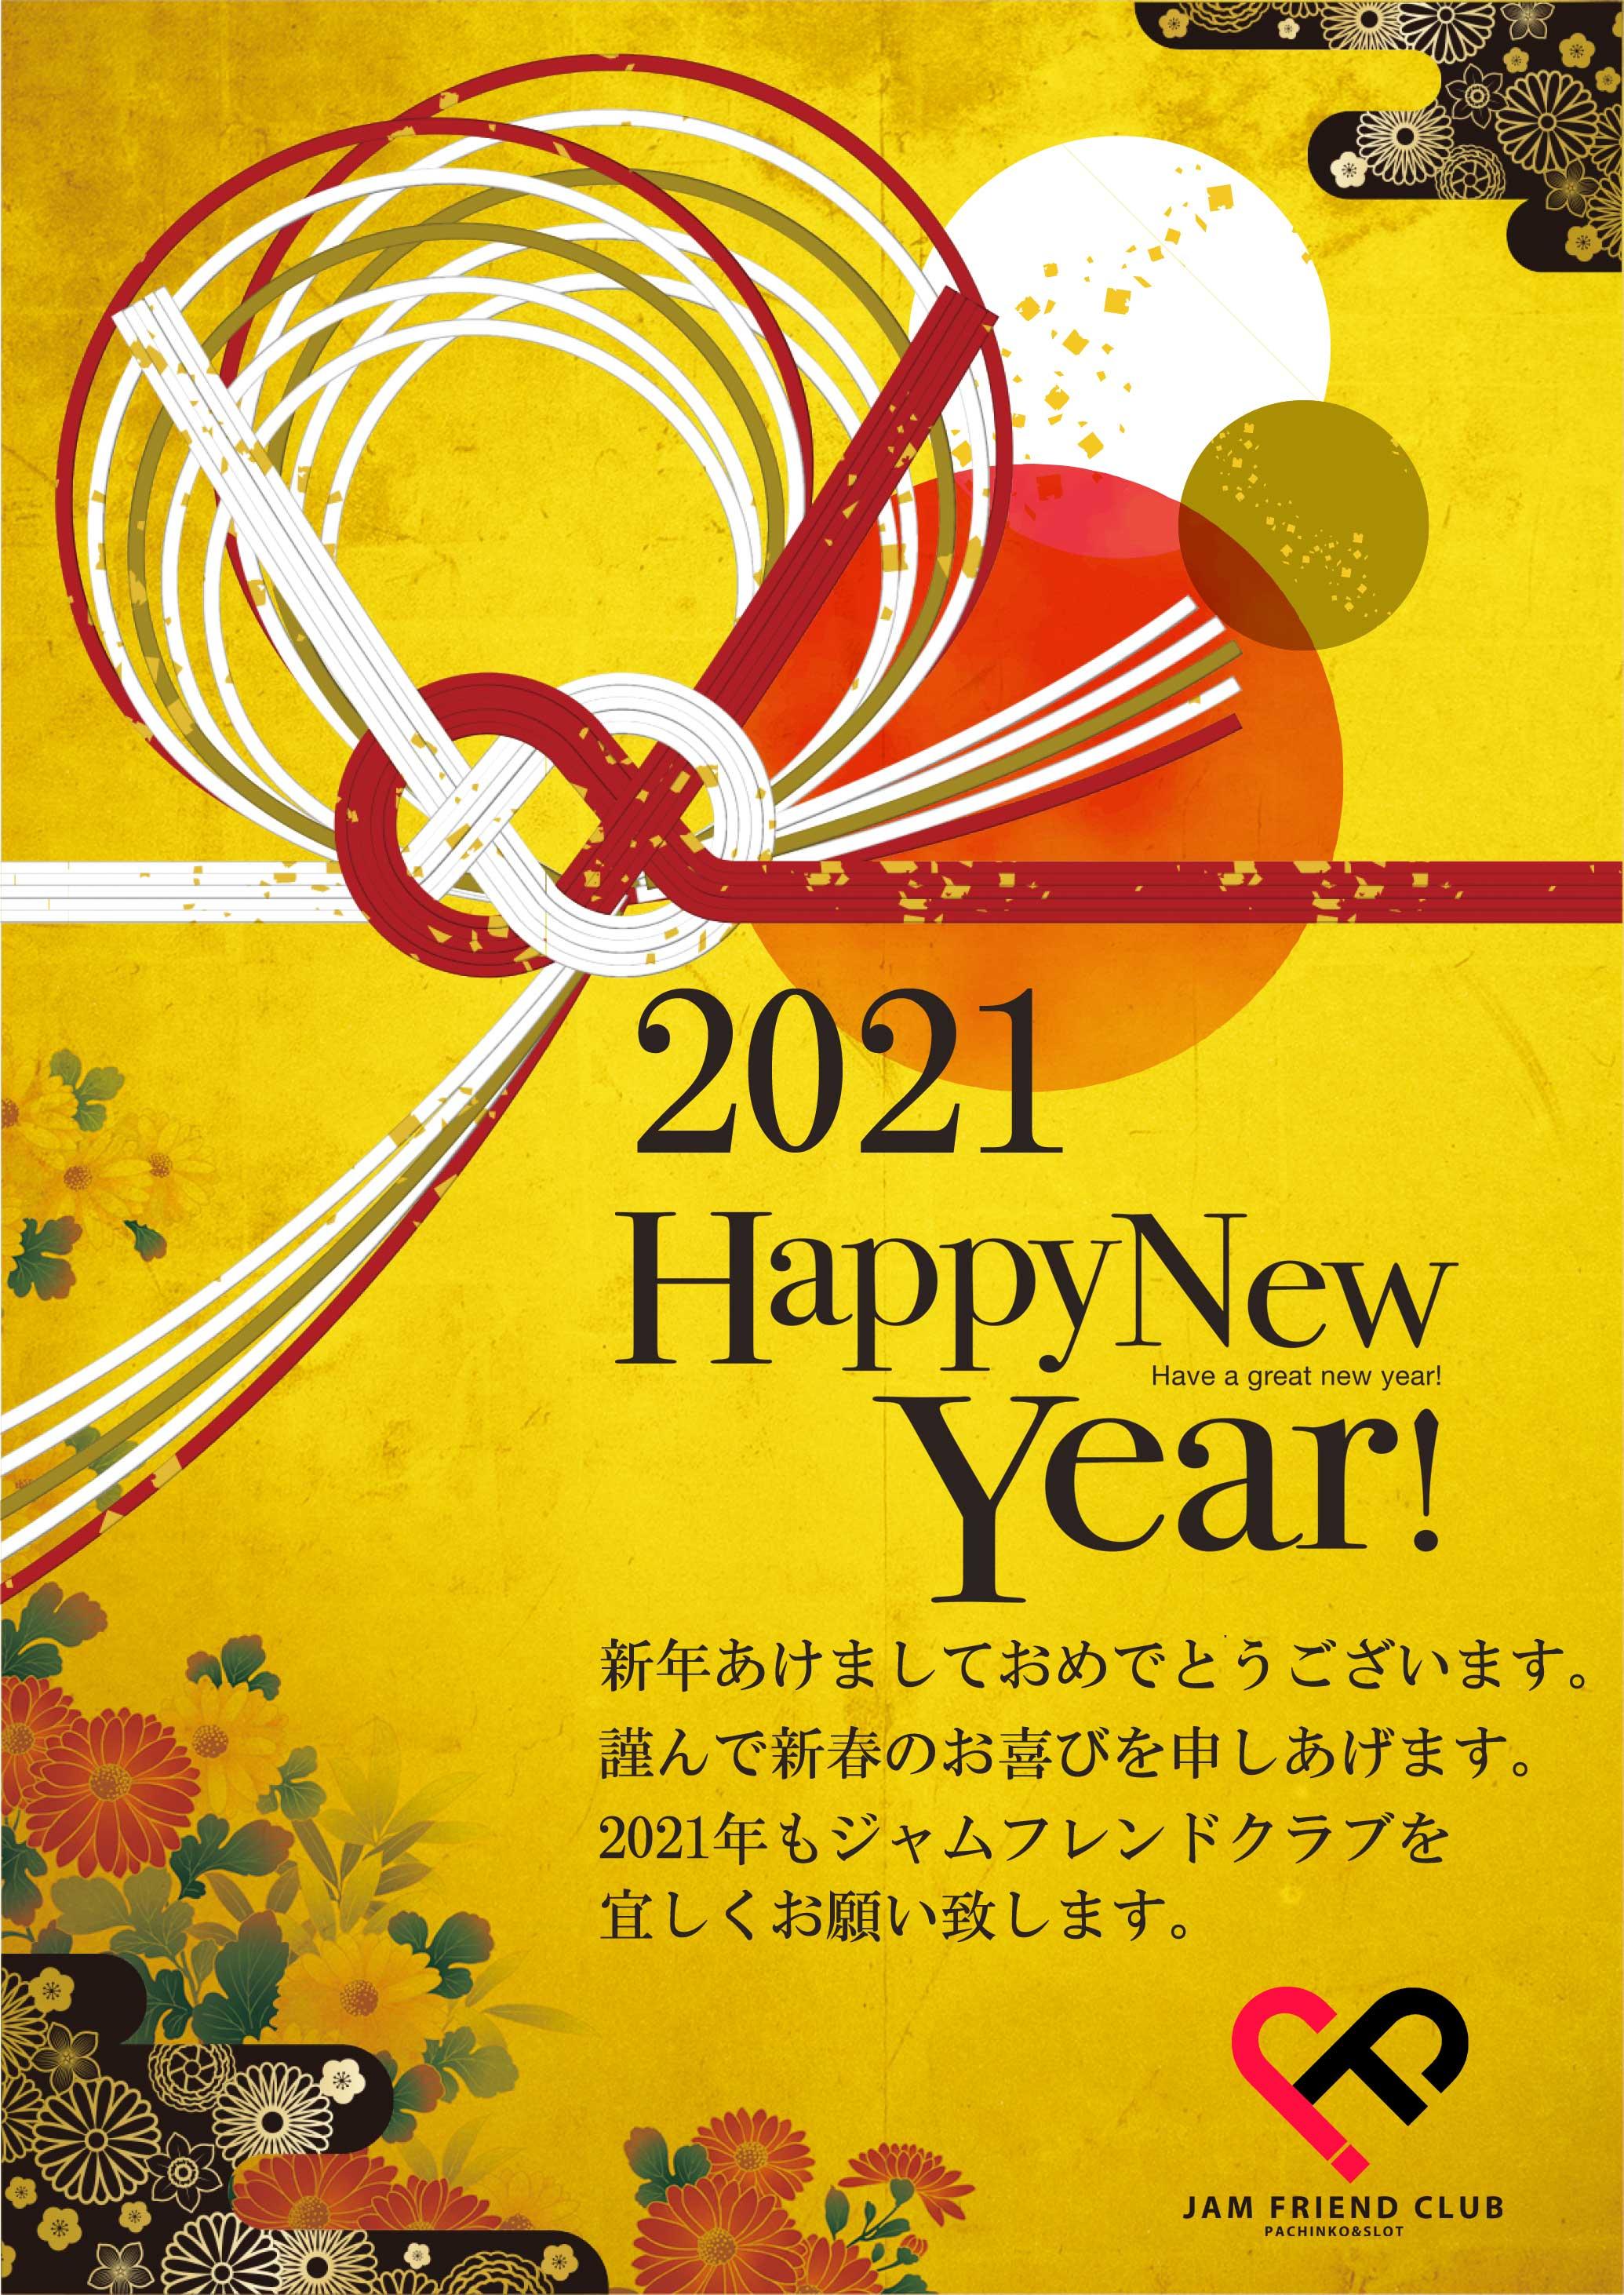 http://jam-fc.jp/information/images/%E8%AC%B9%E8%B3%80%E6%96%B0%E5%B9%B42021.jpg